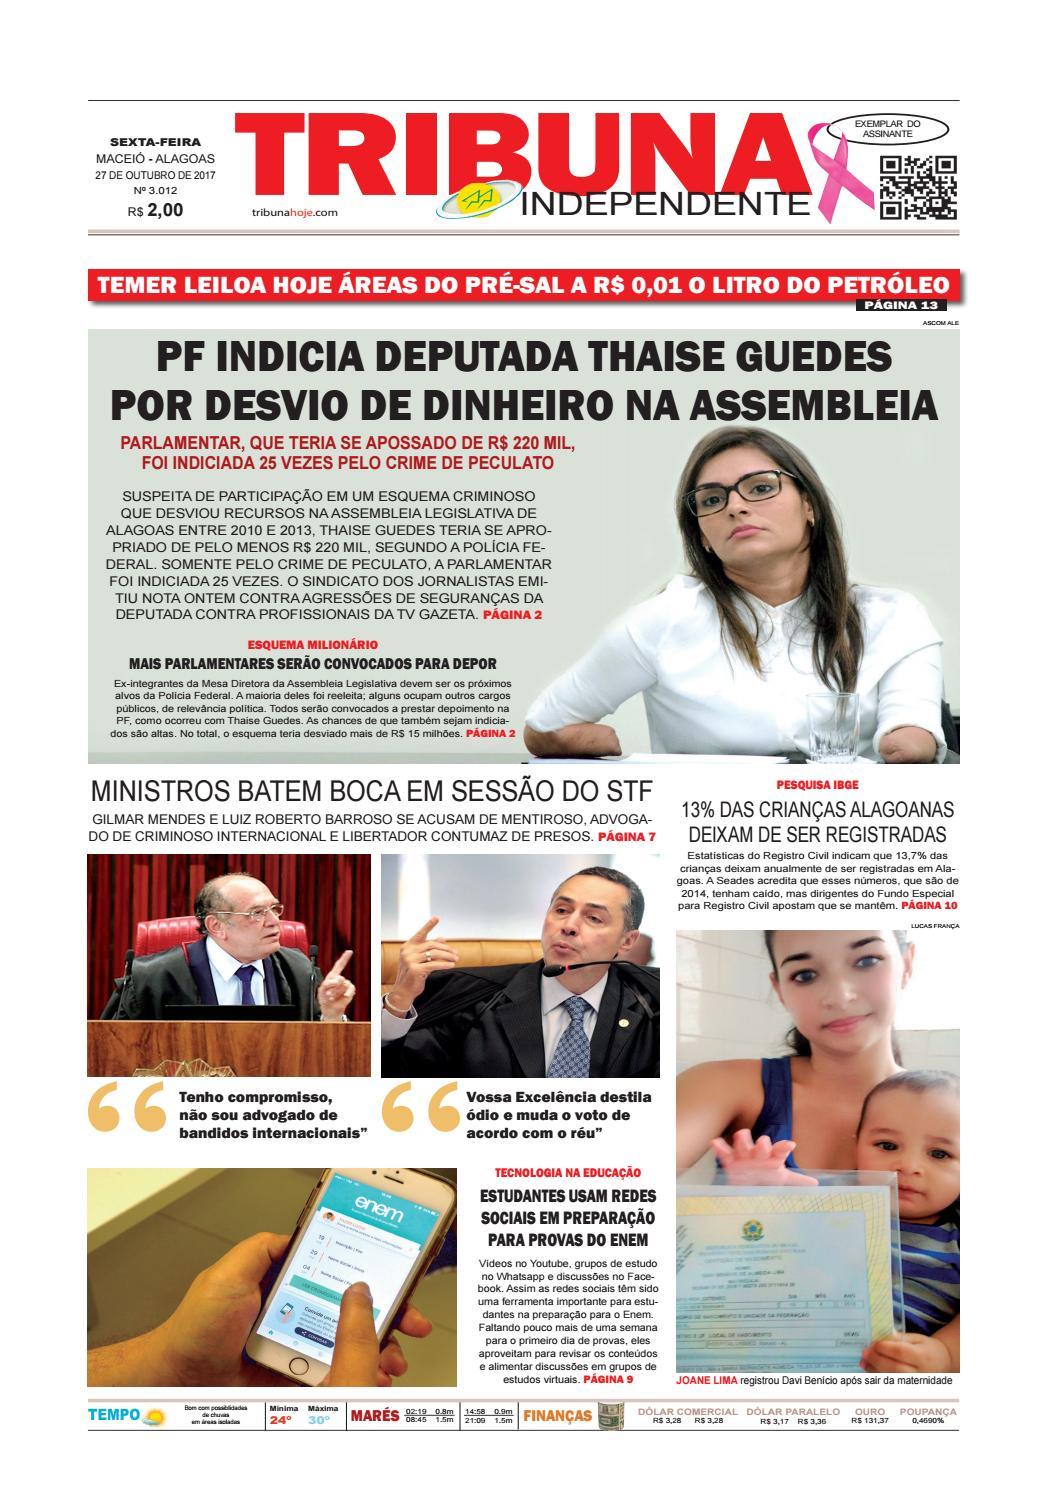 d74ec448ac Edição número 3012 - 27 de outubro de 2017 by Tribuna Hoje - issuu